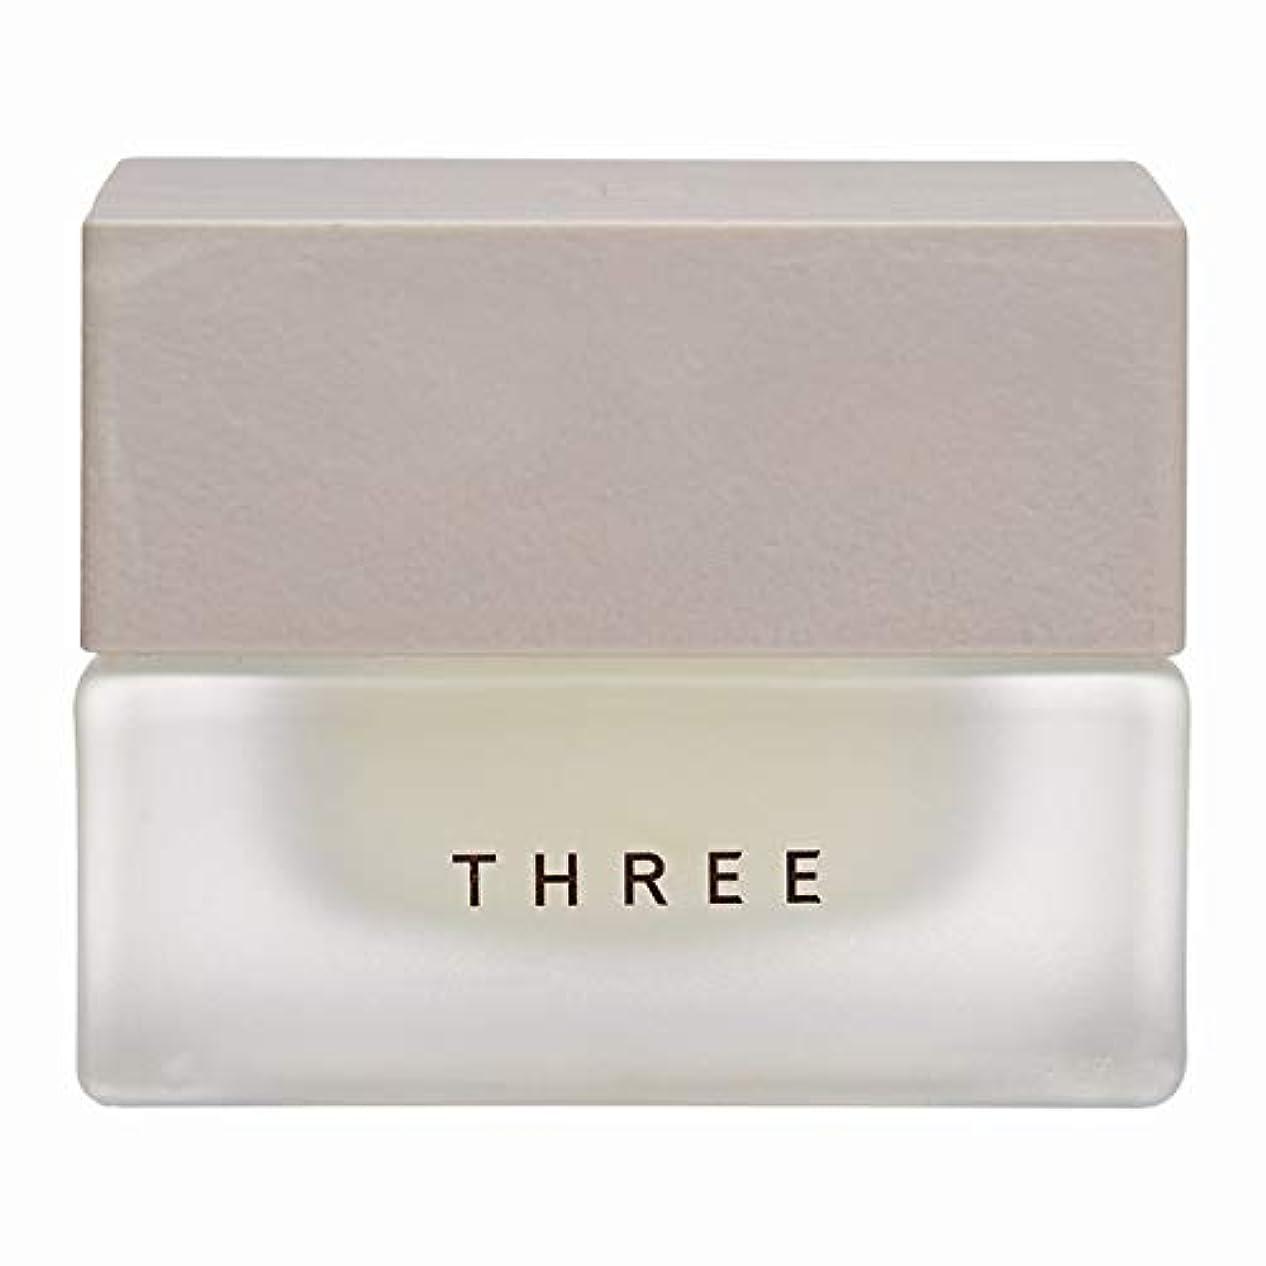 ピアノ見物人直径THREE(スリー) トリートメントクリーム 26g [ フェイスクリーム ] [並行輸入品]